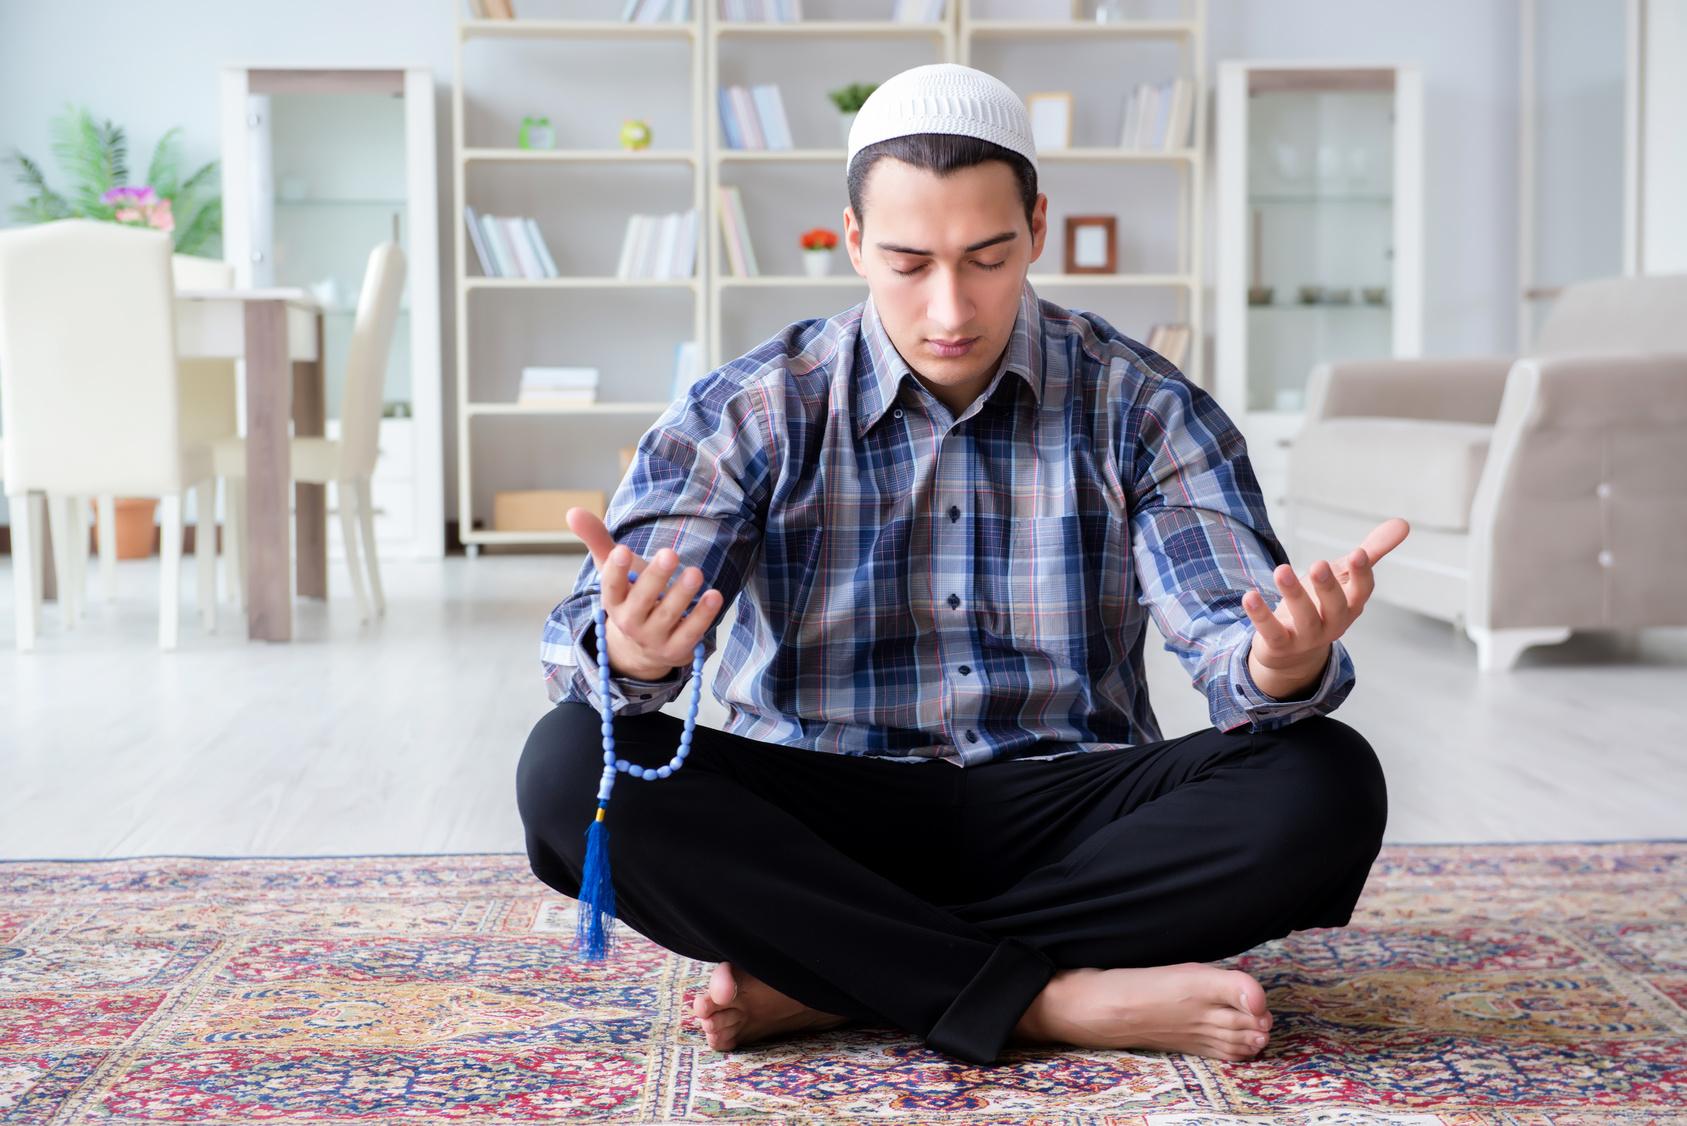 Ramadan Darum erntet Lidl gerade einen heftigen Shitstorm